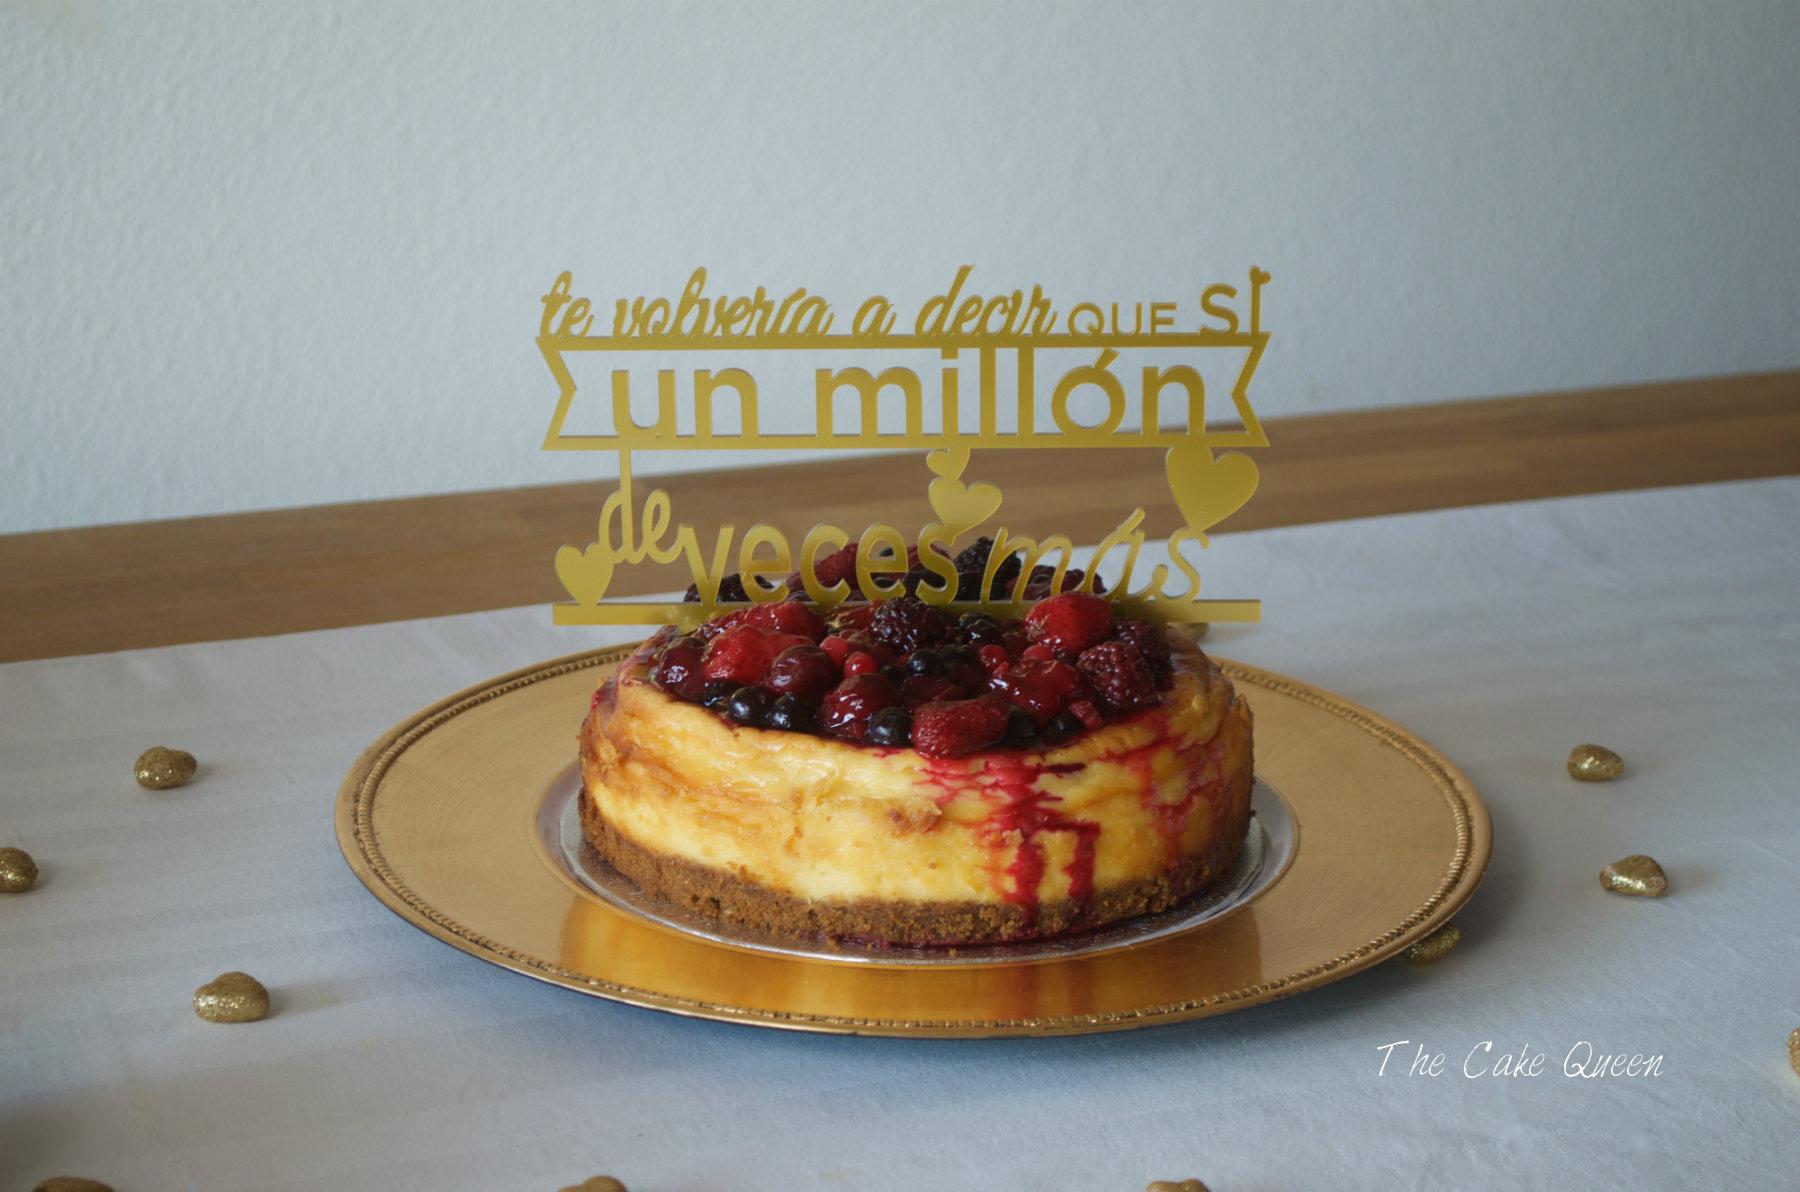 Cheesecake al estilo New York con frutos rojos